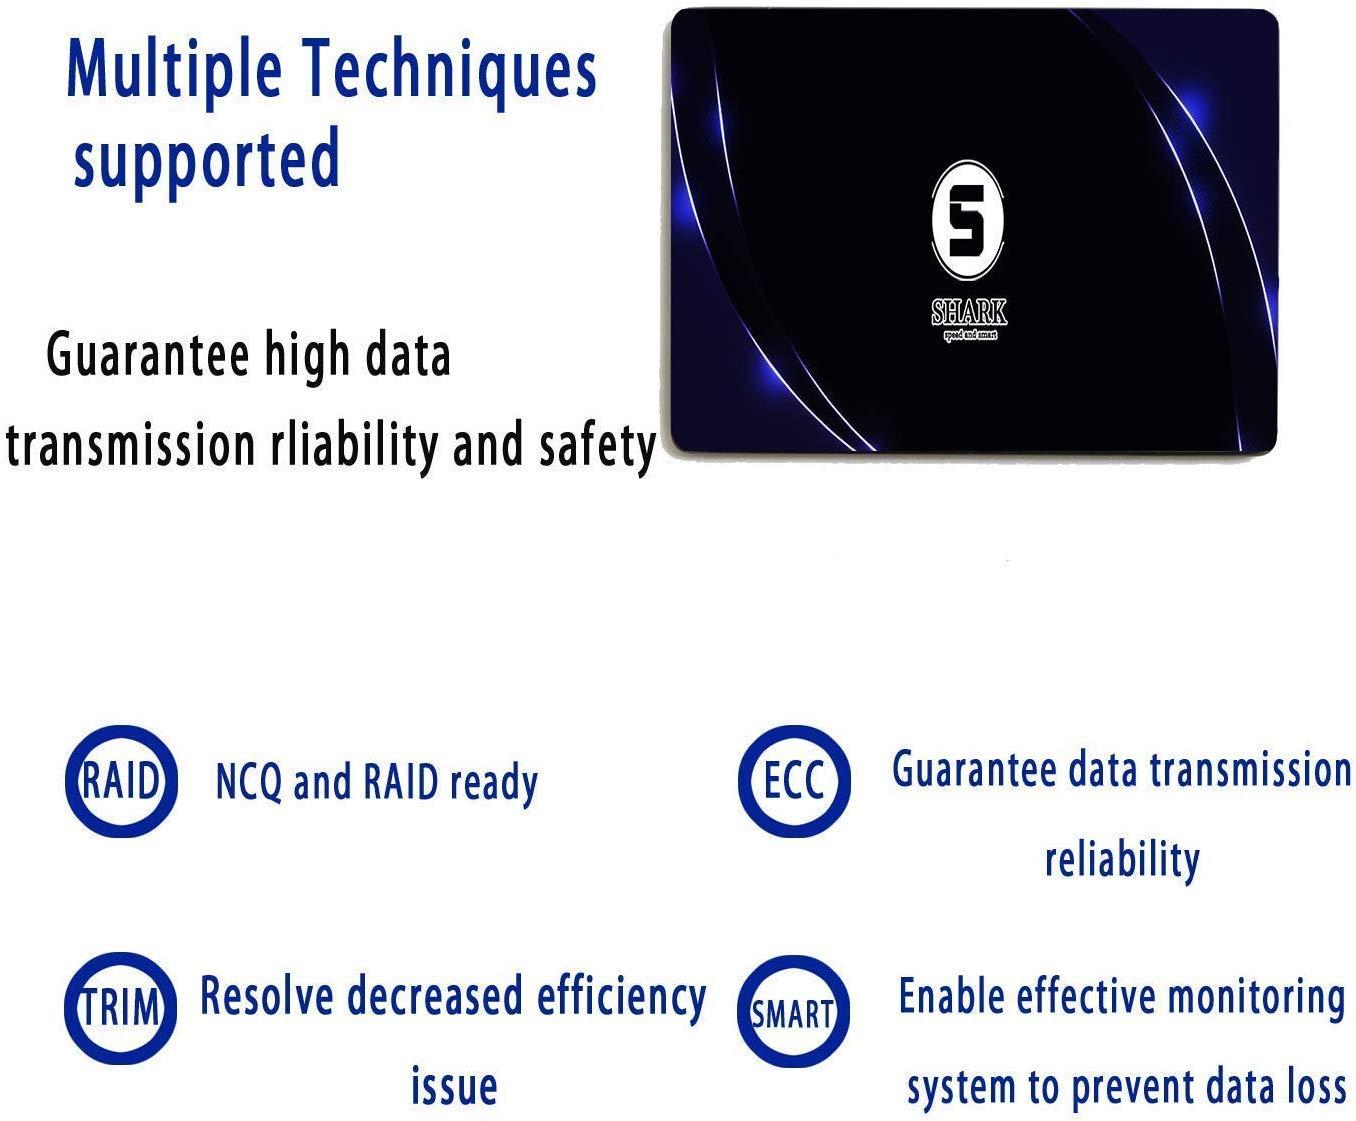 SSD SATA mSATA 250GB Shark Internal Solid State Drive High Performance Hard Drive Desktop Laptop SATA III 6Gb//s Includes SSD 16GB 32GB 60GB 64GB 120GB 128GB 240GB 250GB 480GB 500GB 250GB, MSATA